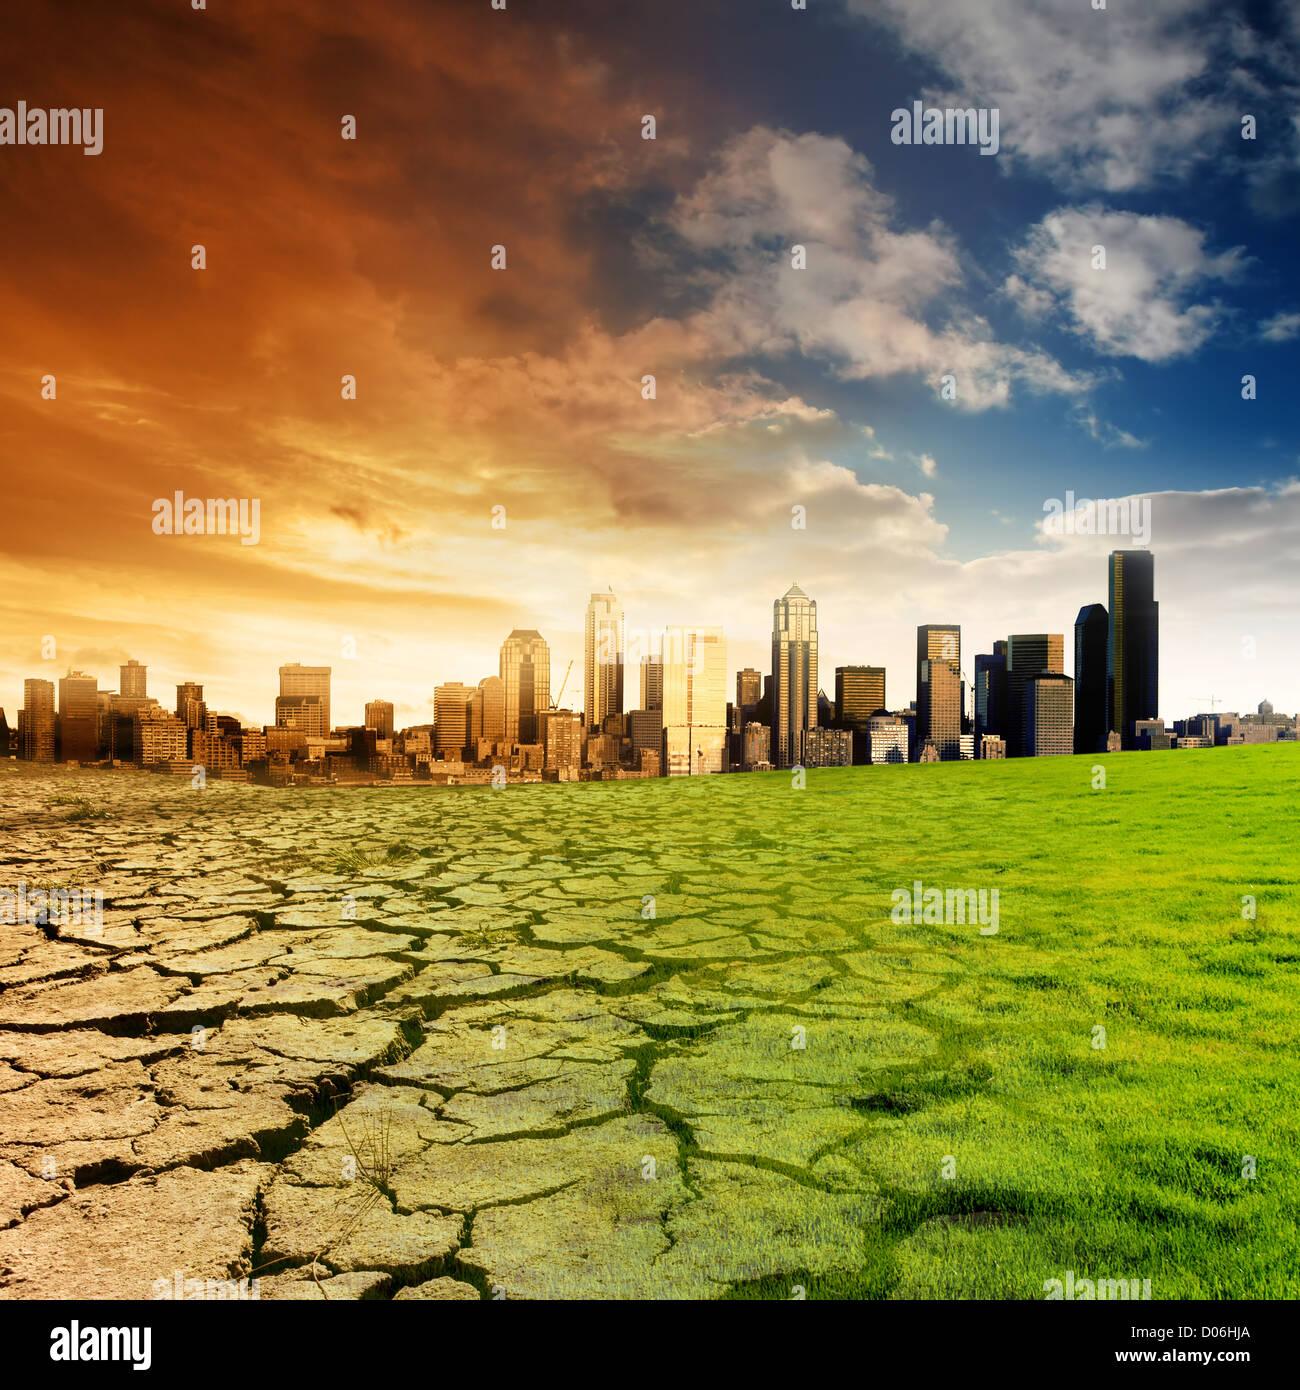 Auswirkungen der globalen Erwärmung auf eine Stadt Stockbild